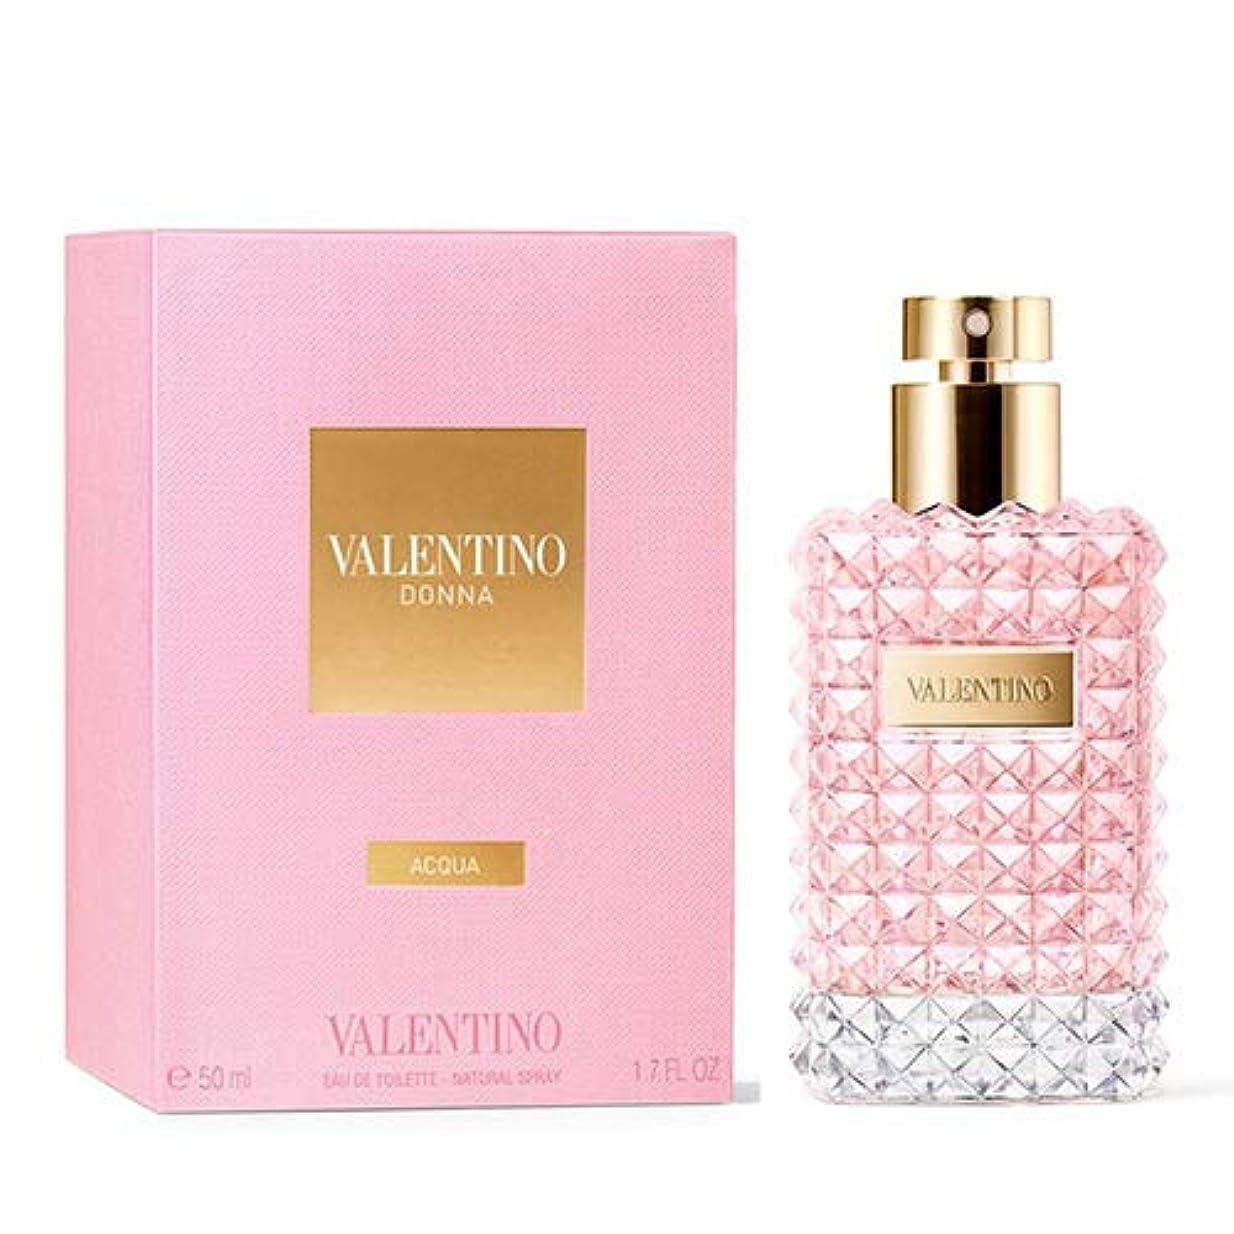 科学インタフェース間違いVALENTINO(ヴァレンティノ) ヴァレンティノ ドンナ アクア EDT 梨やプルメリアの甘美な香り オードトワレ